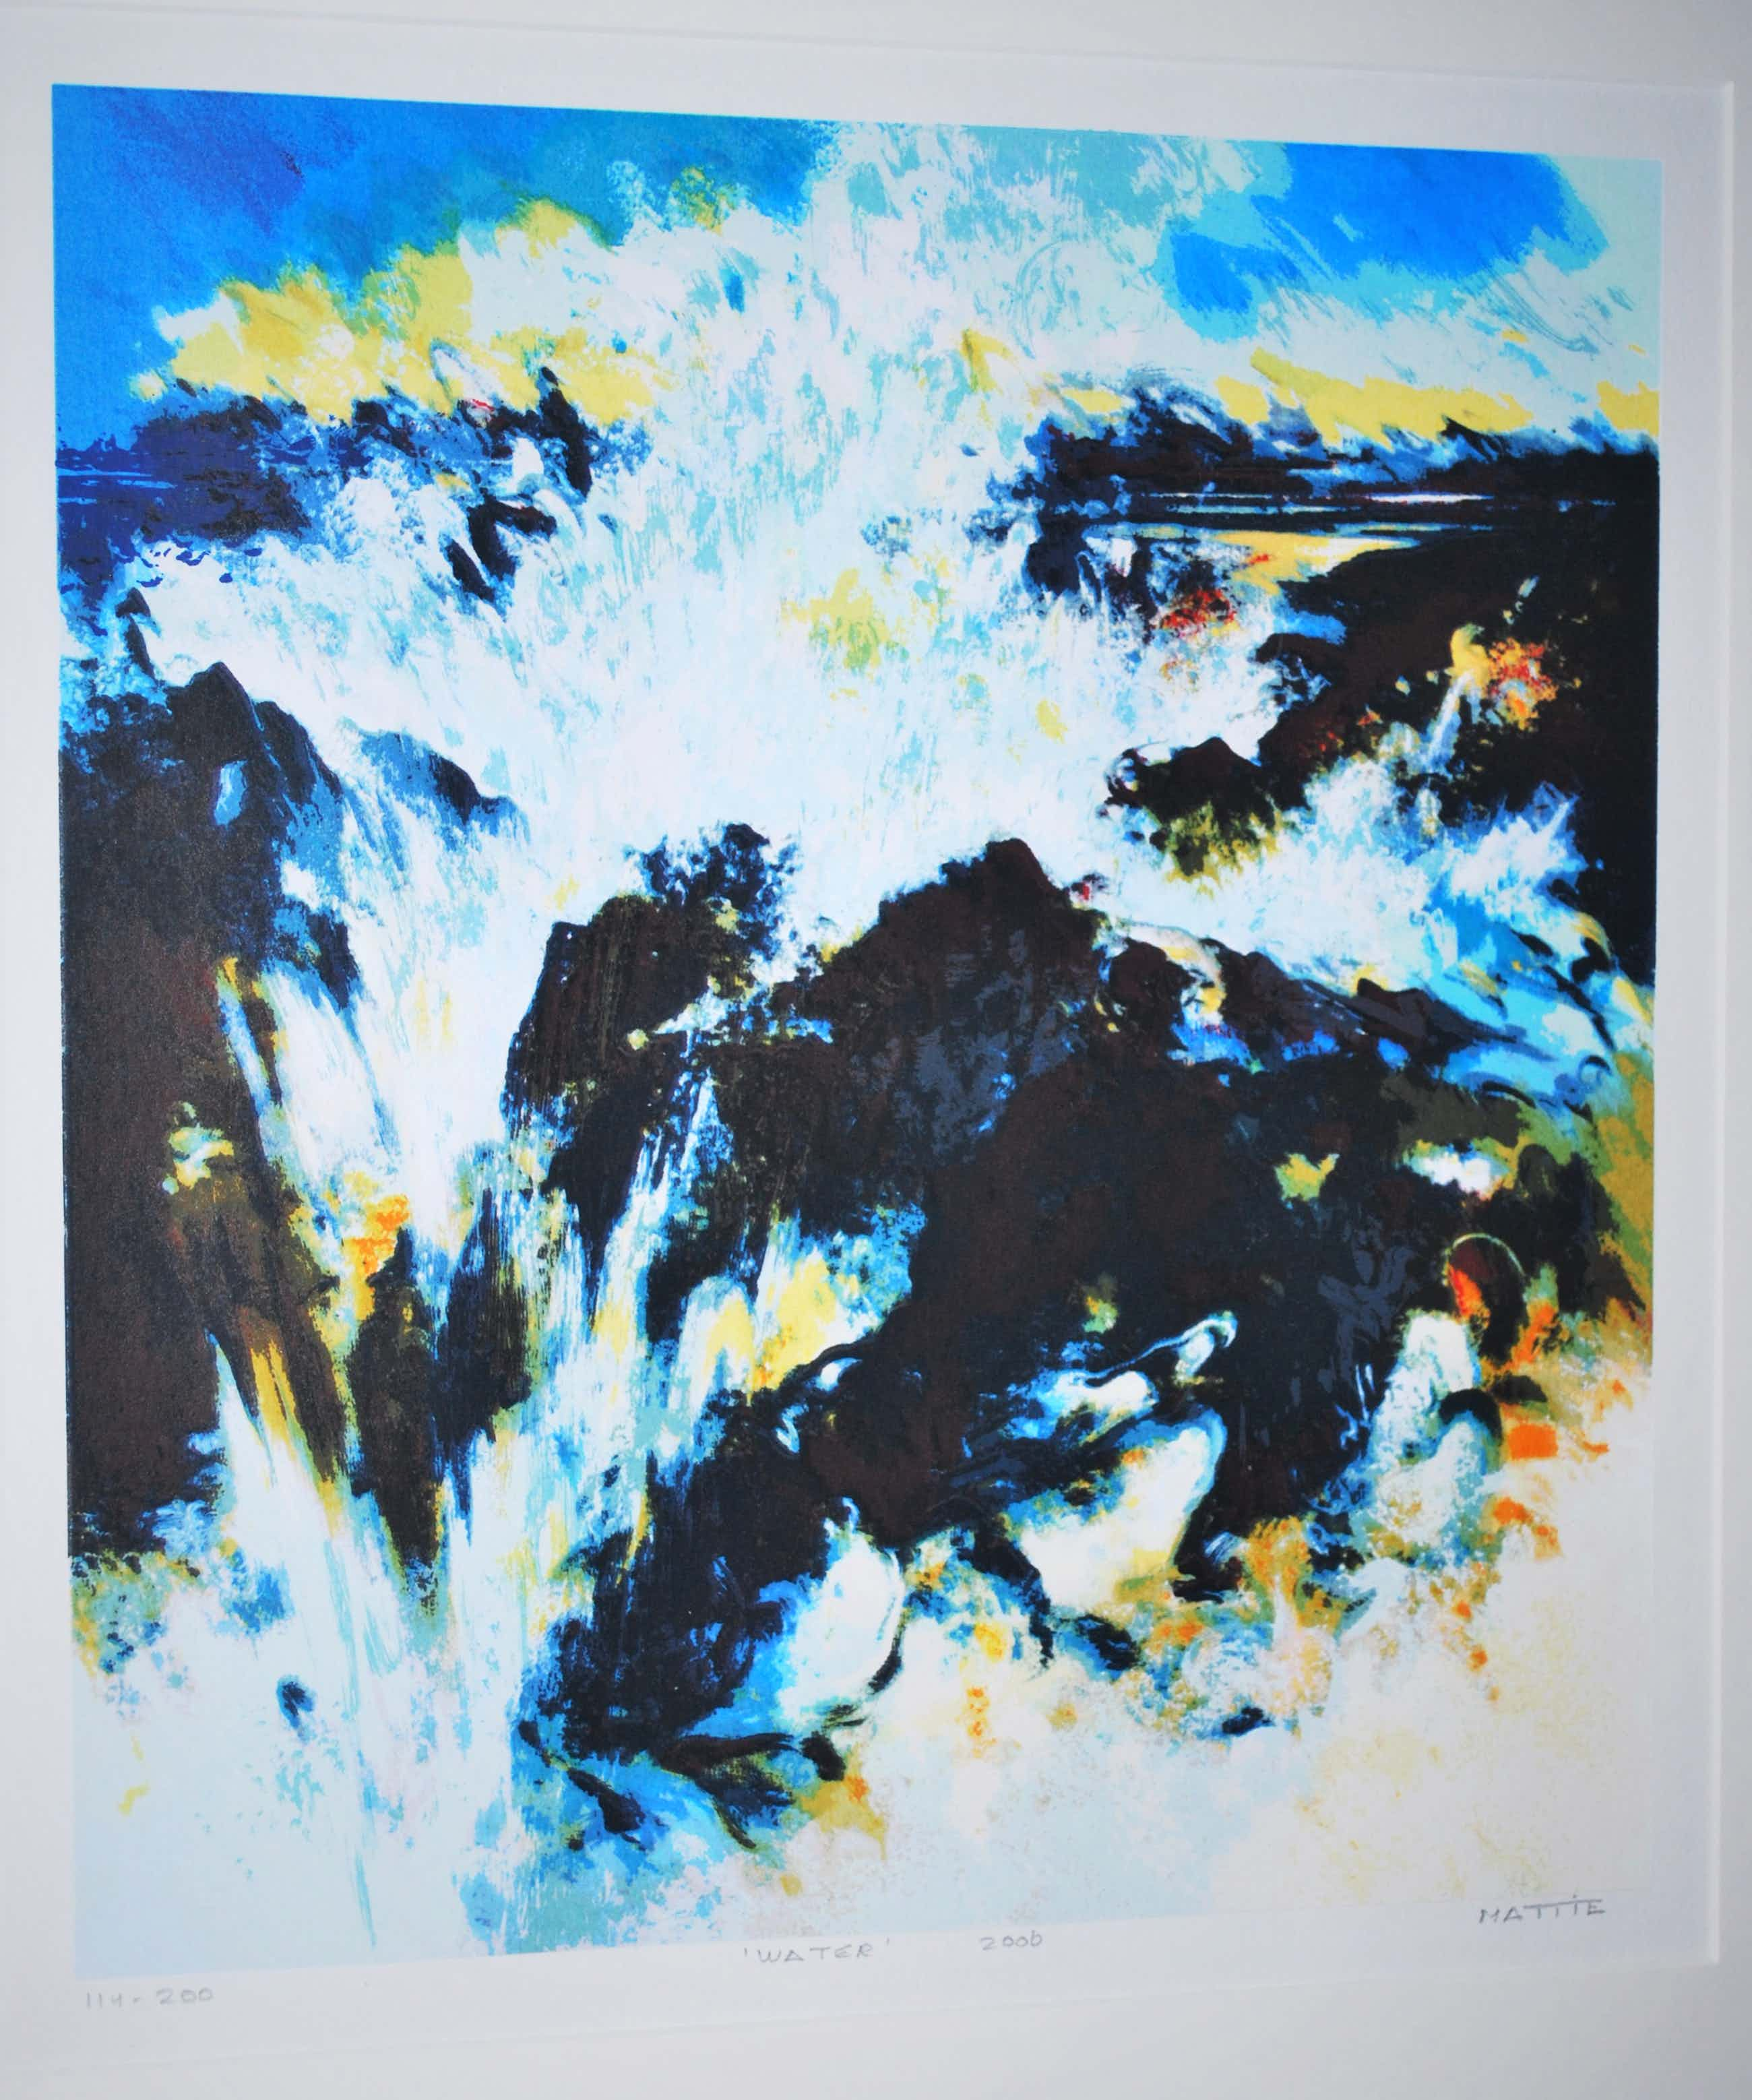 Mattie Schilders - Water - mooi ingelijste zeefdruk, 2006 kopen? Bied vanaf 40!